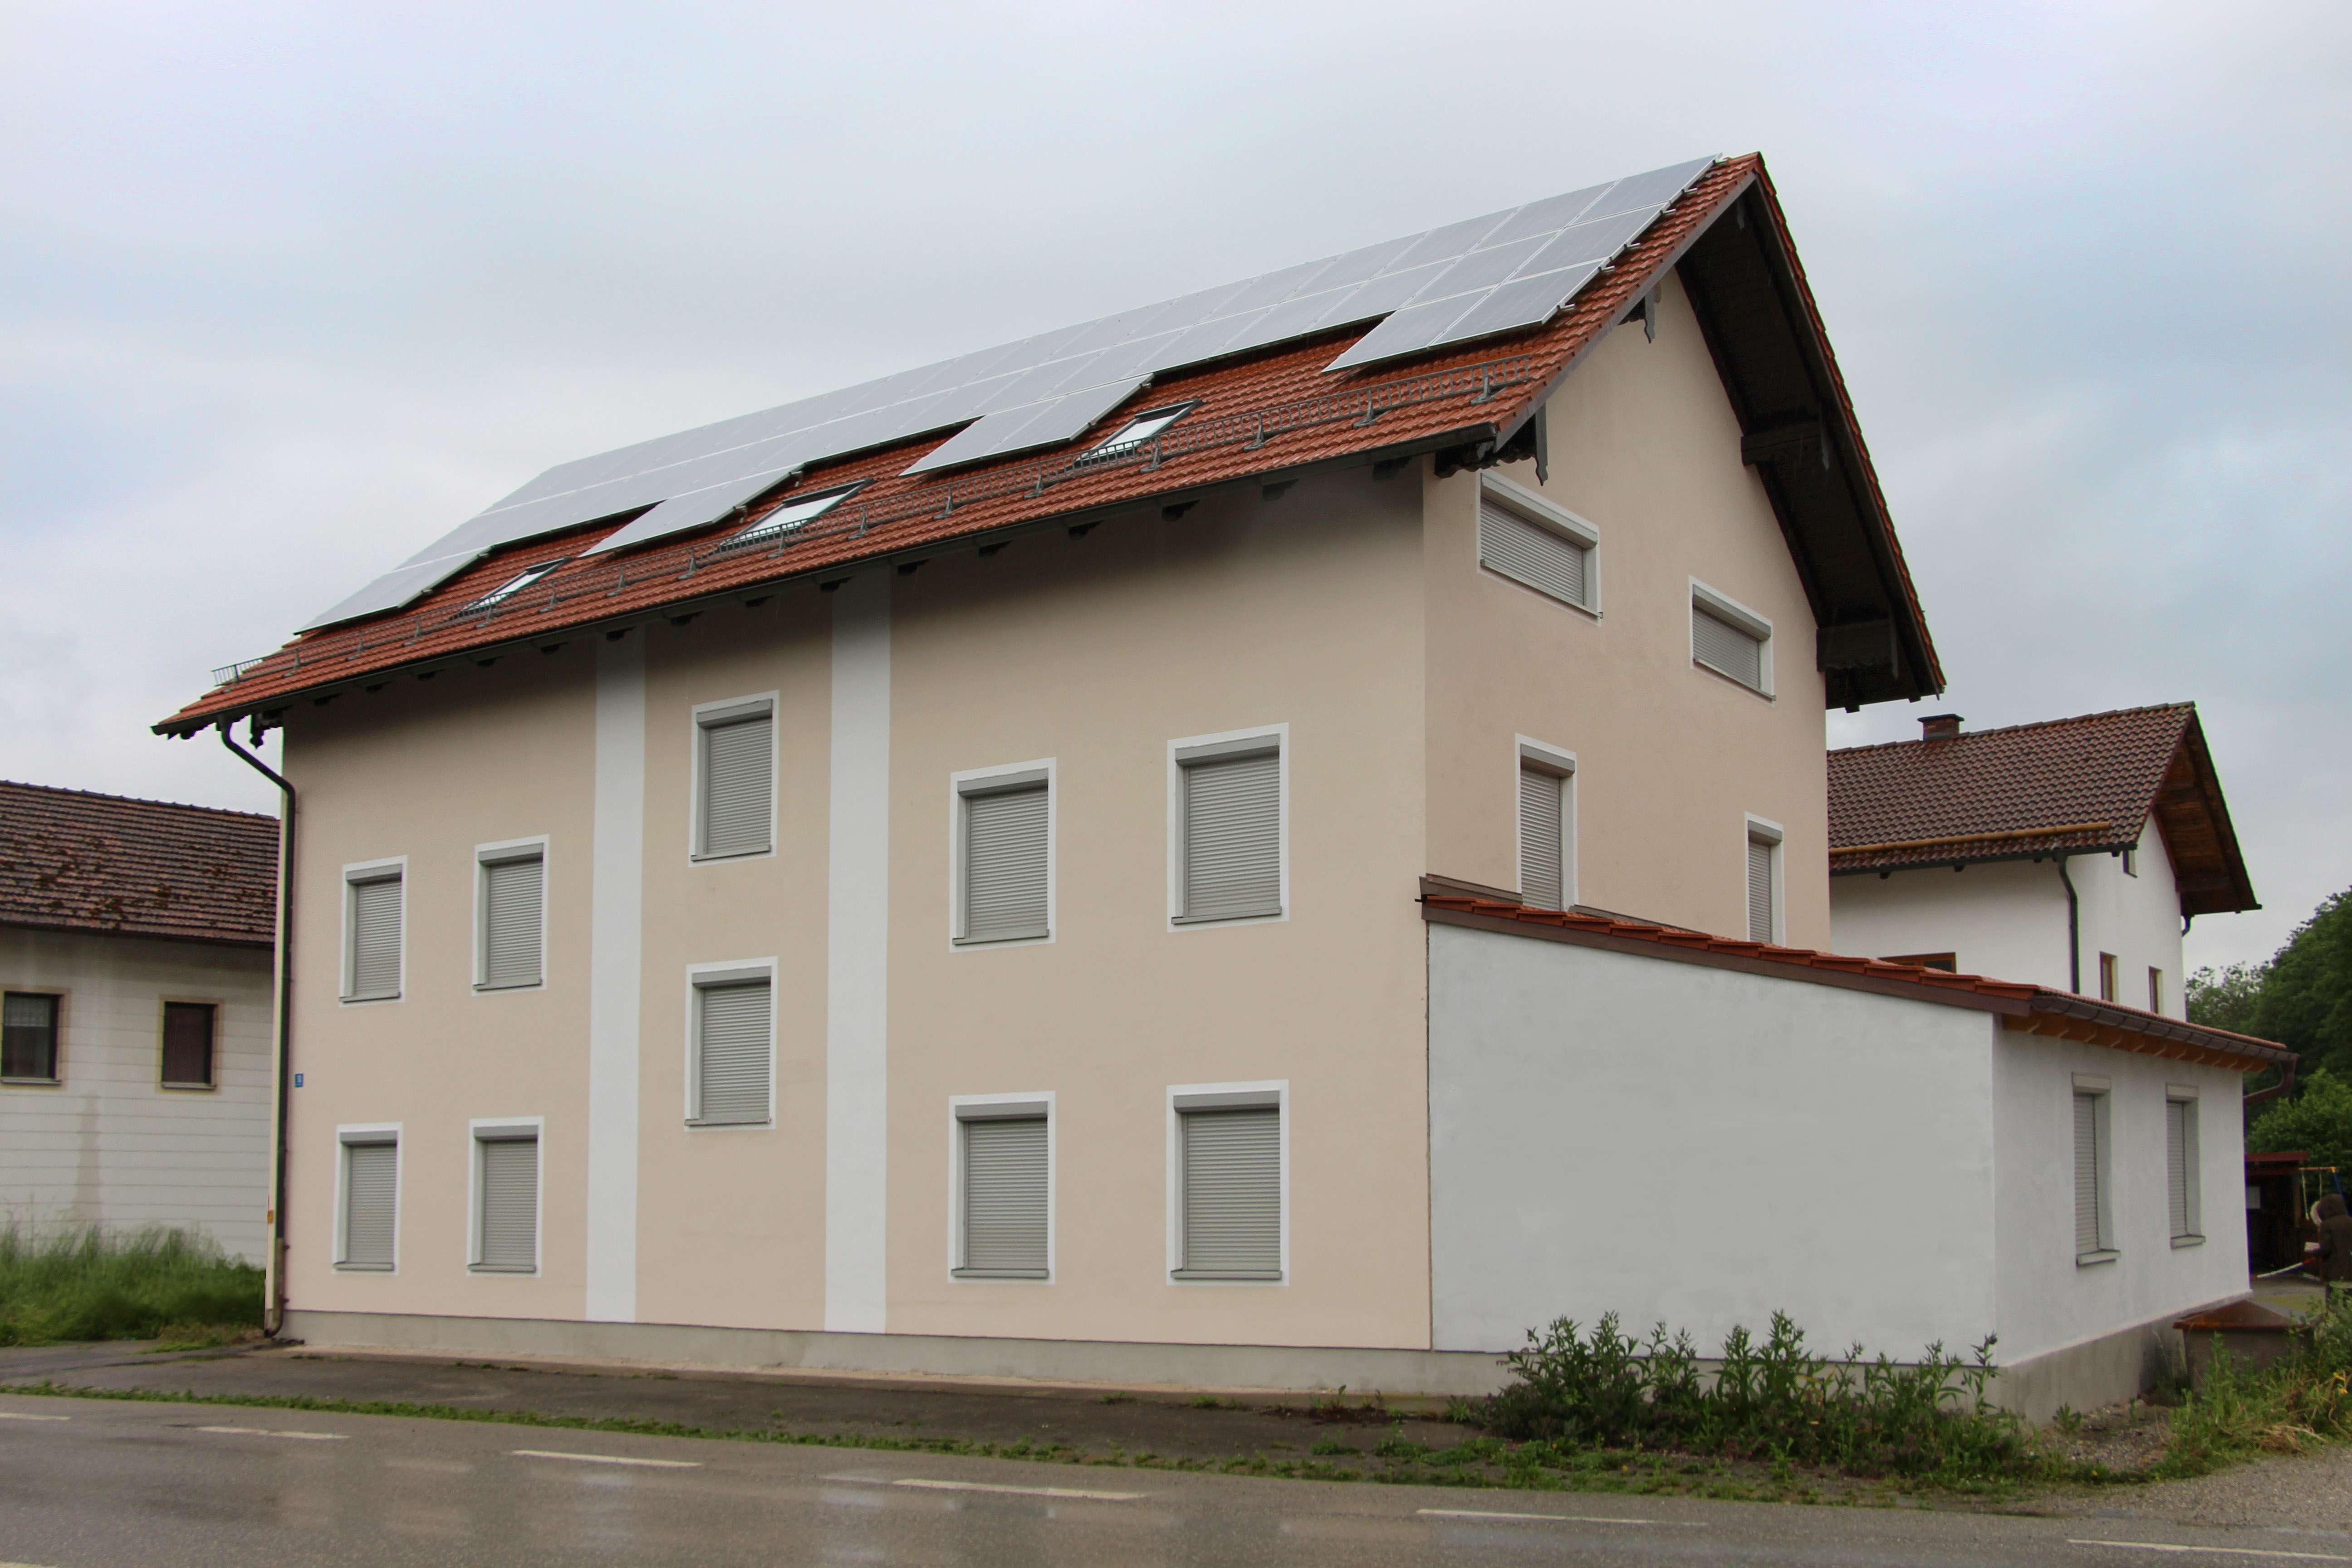 Freundliche 3-Zimmer-EG-Wohnung in Winhöring